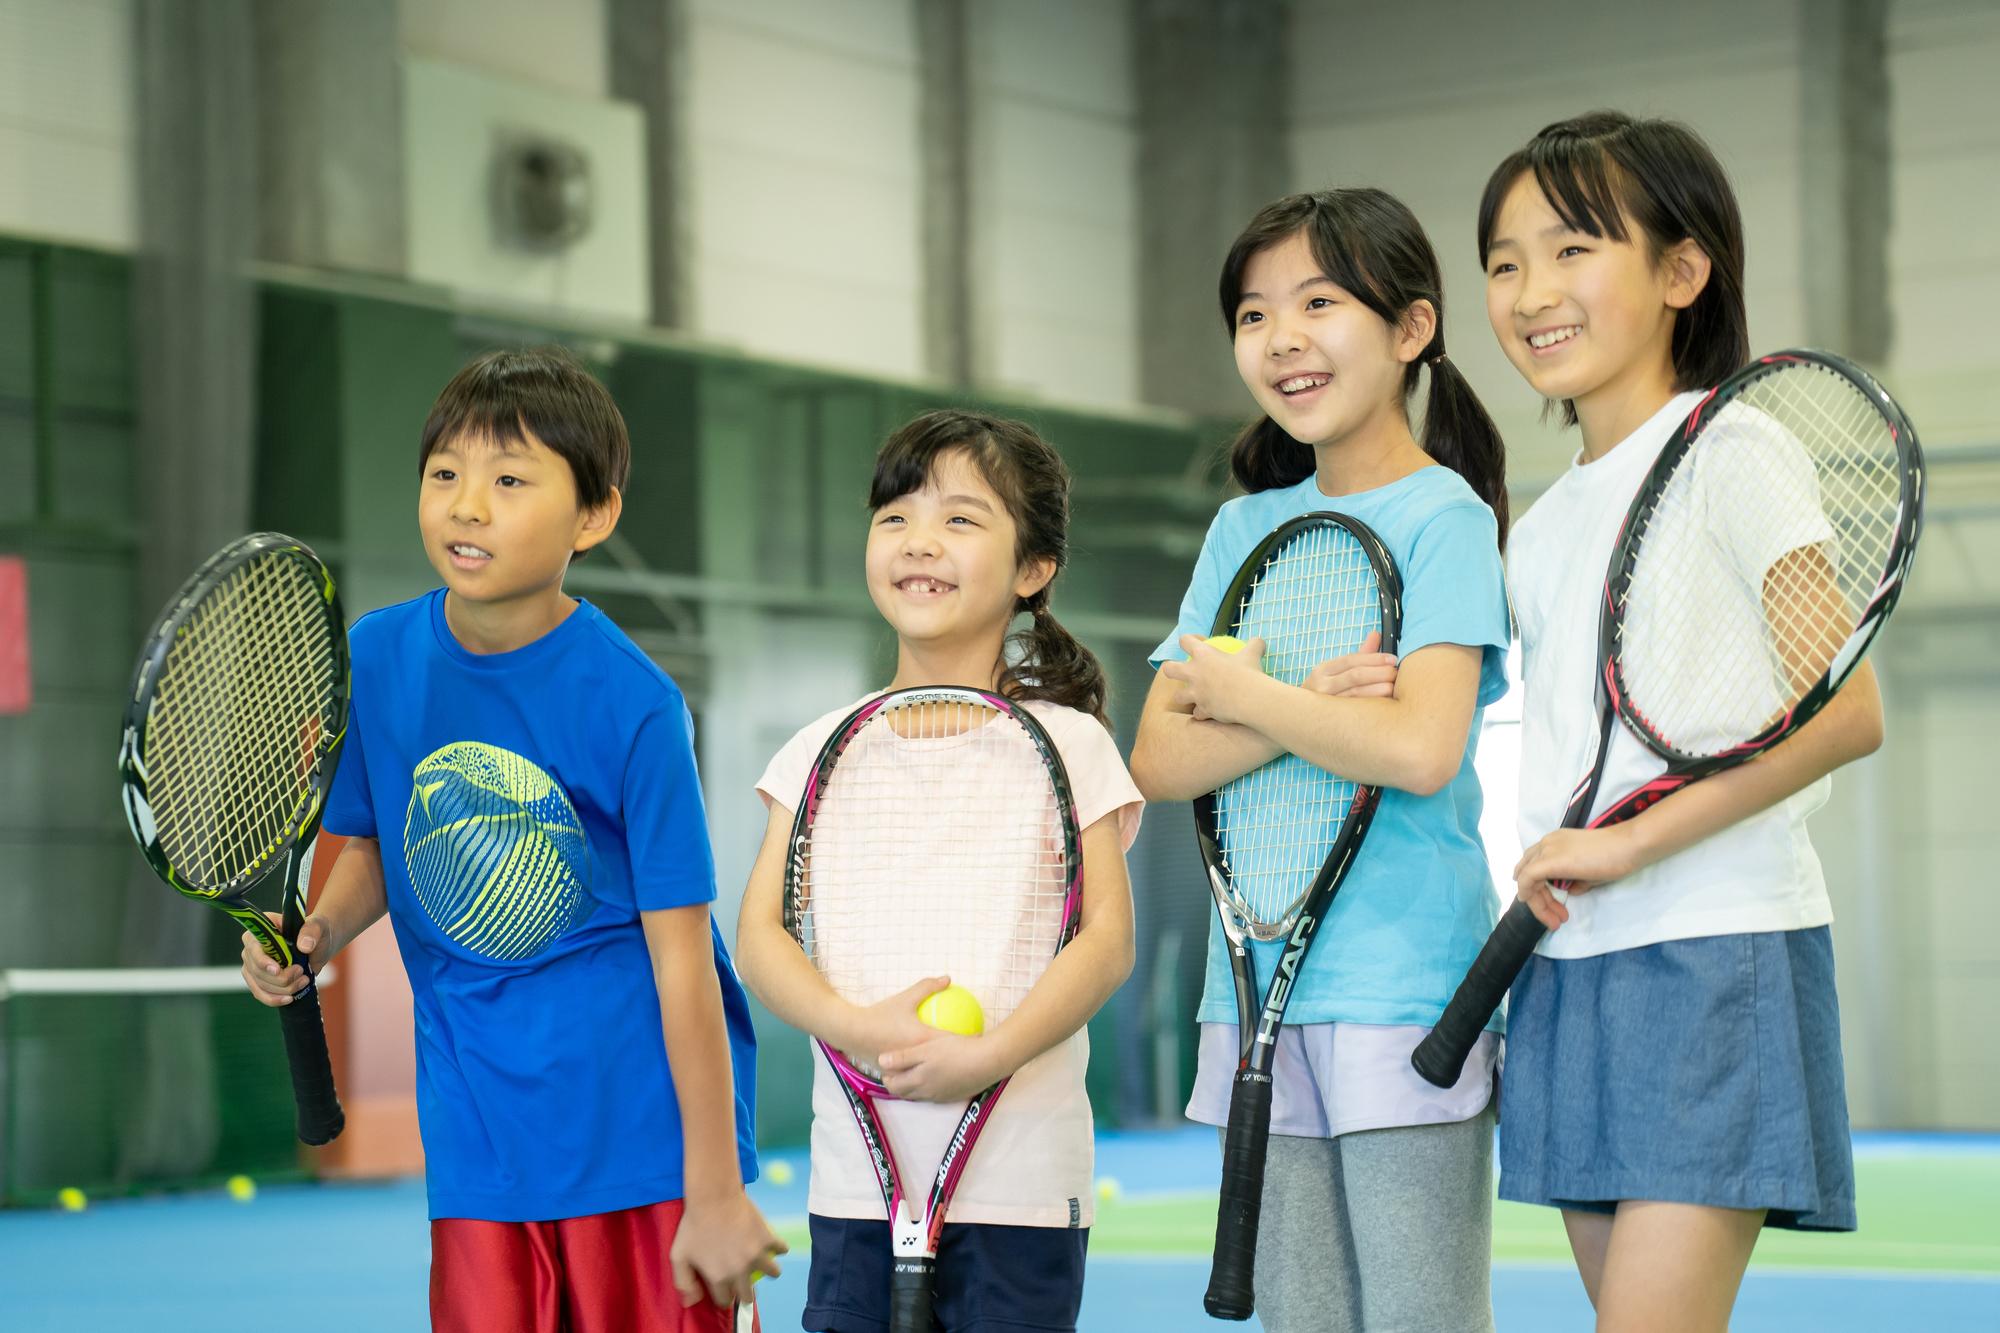 テニススクール・体育教室